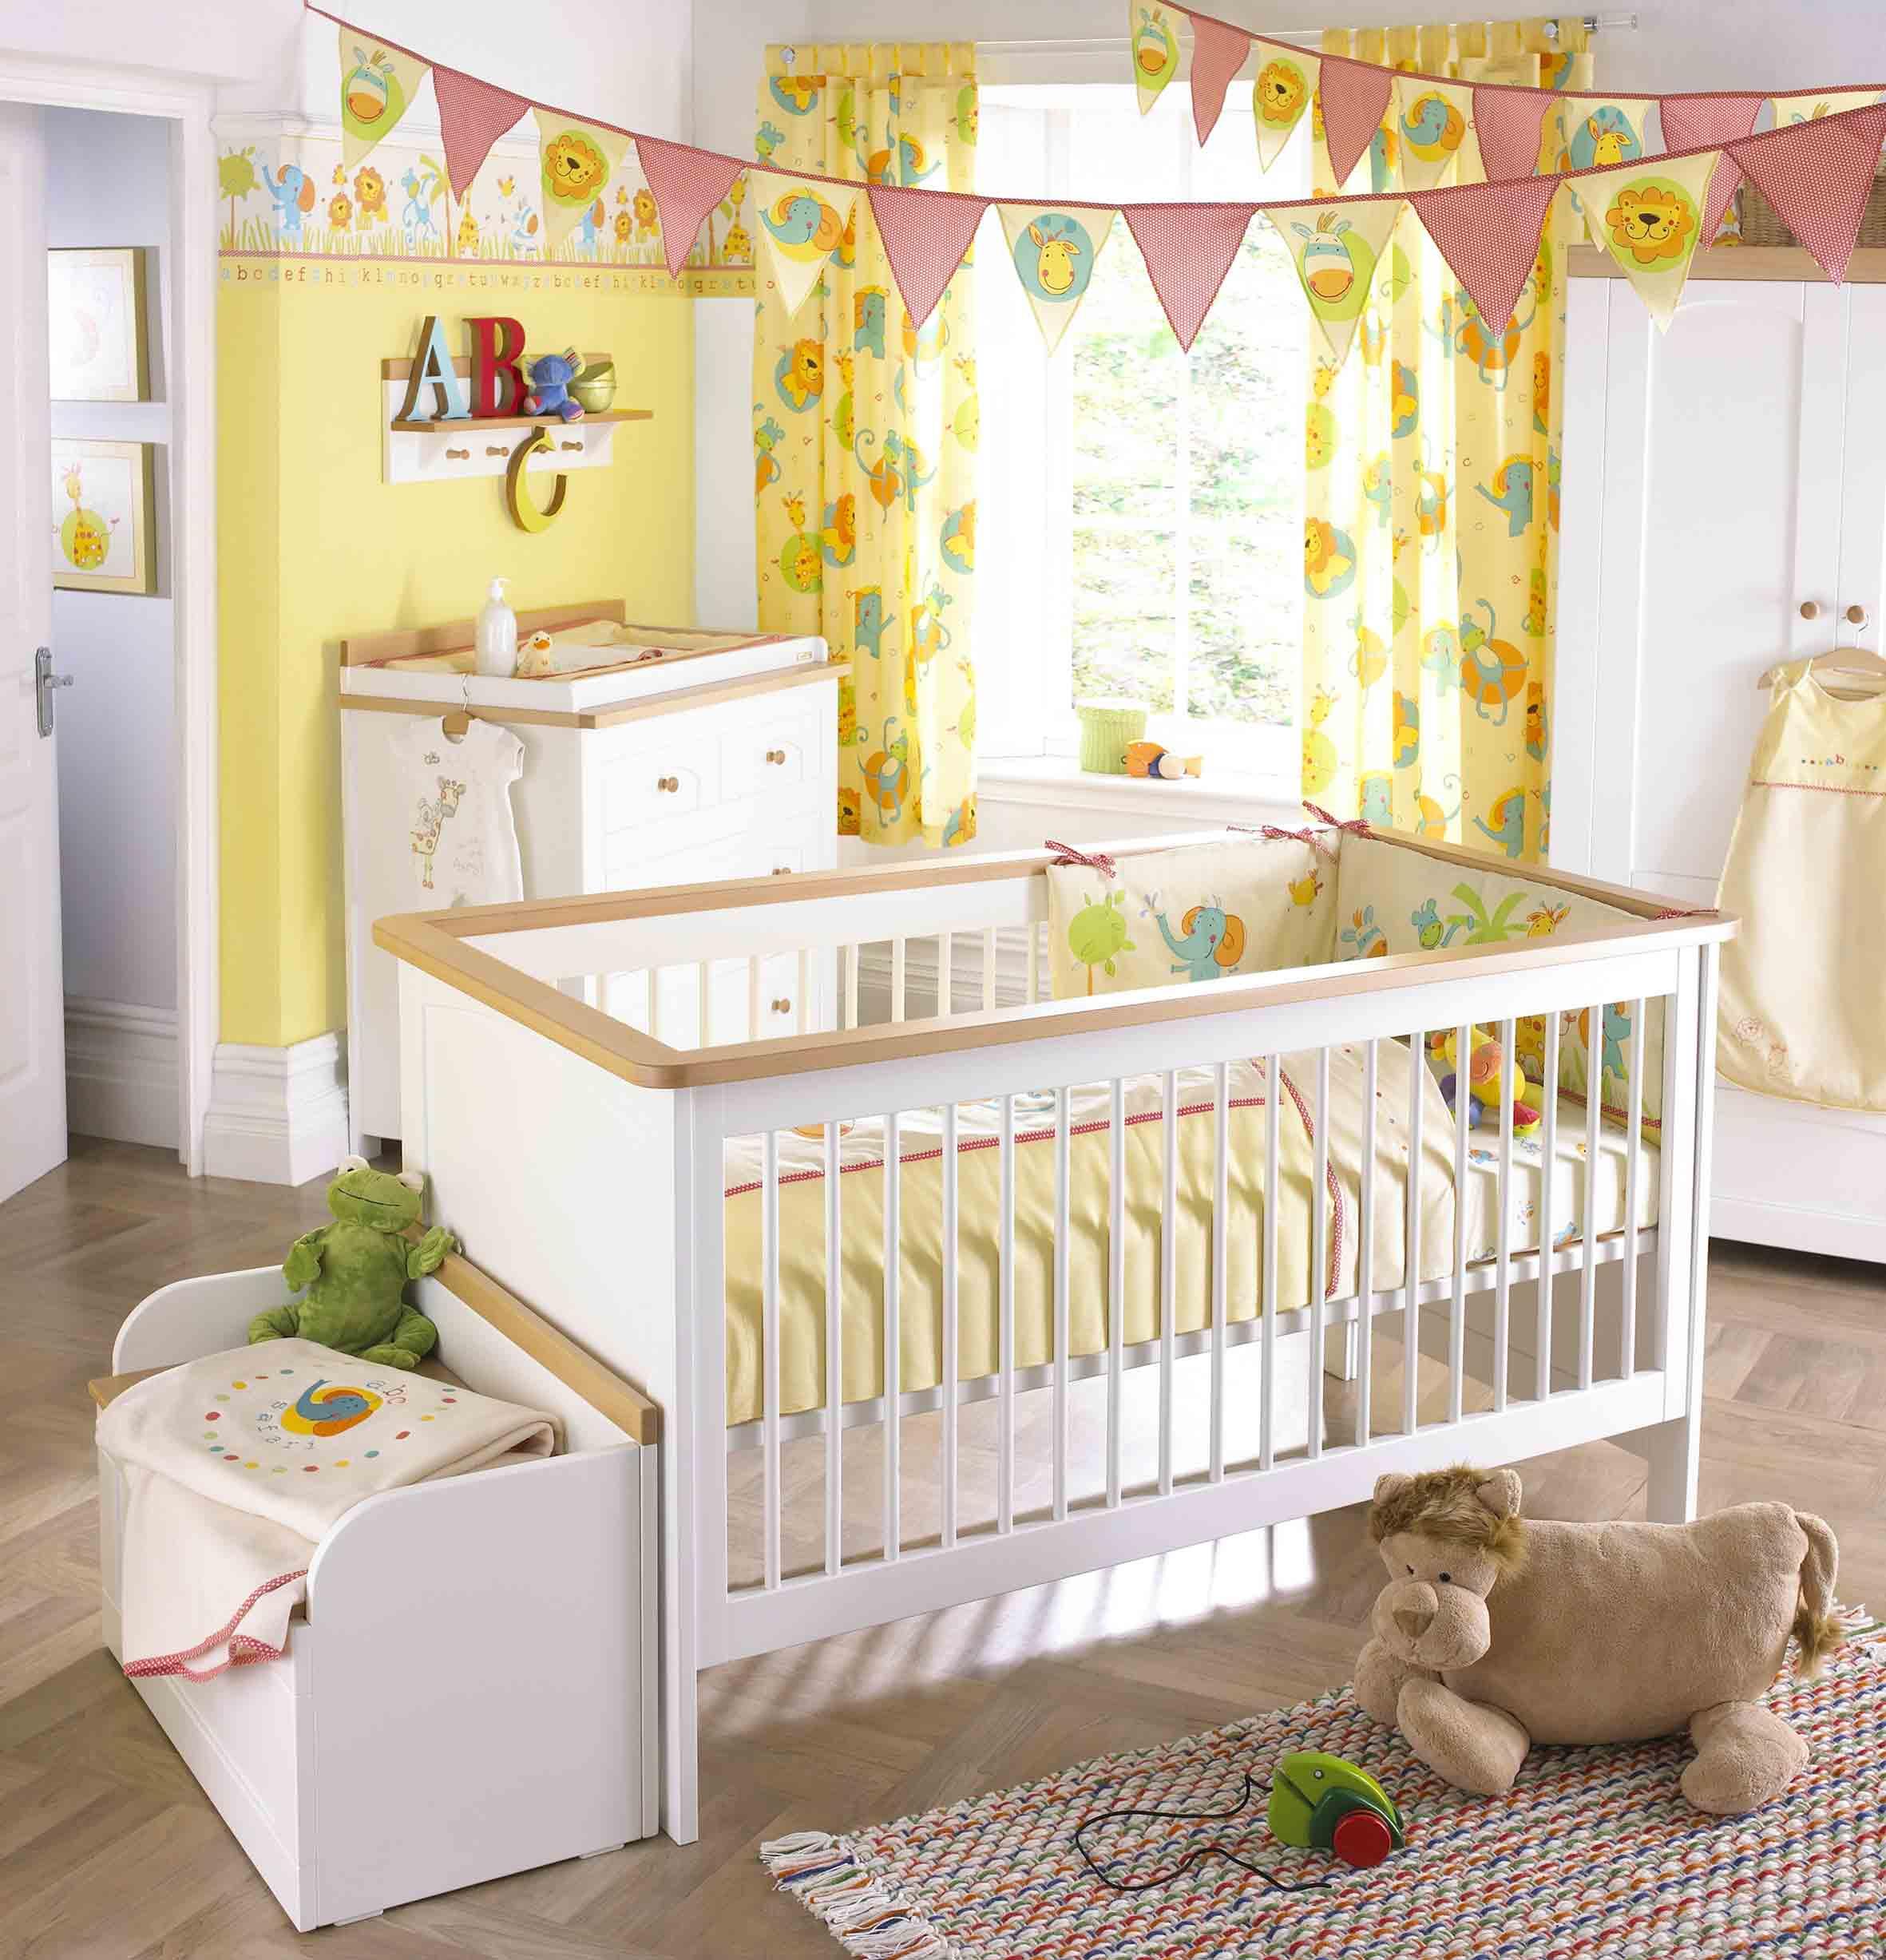 Декор детской кроватки флажками